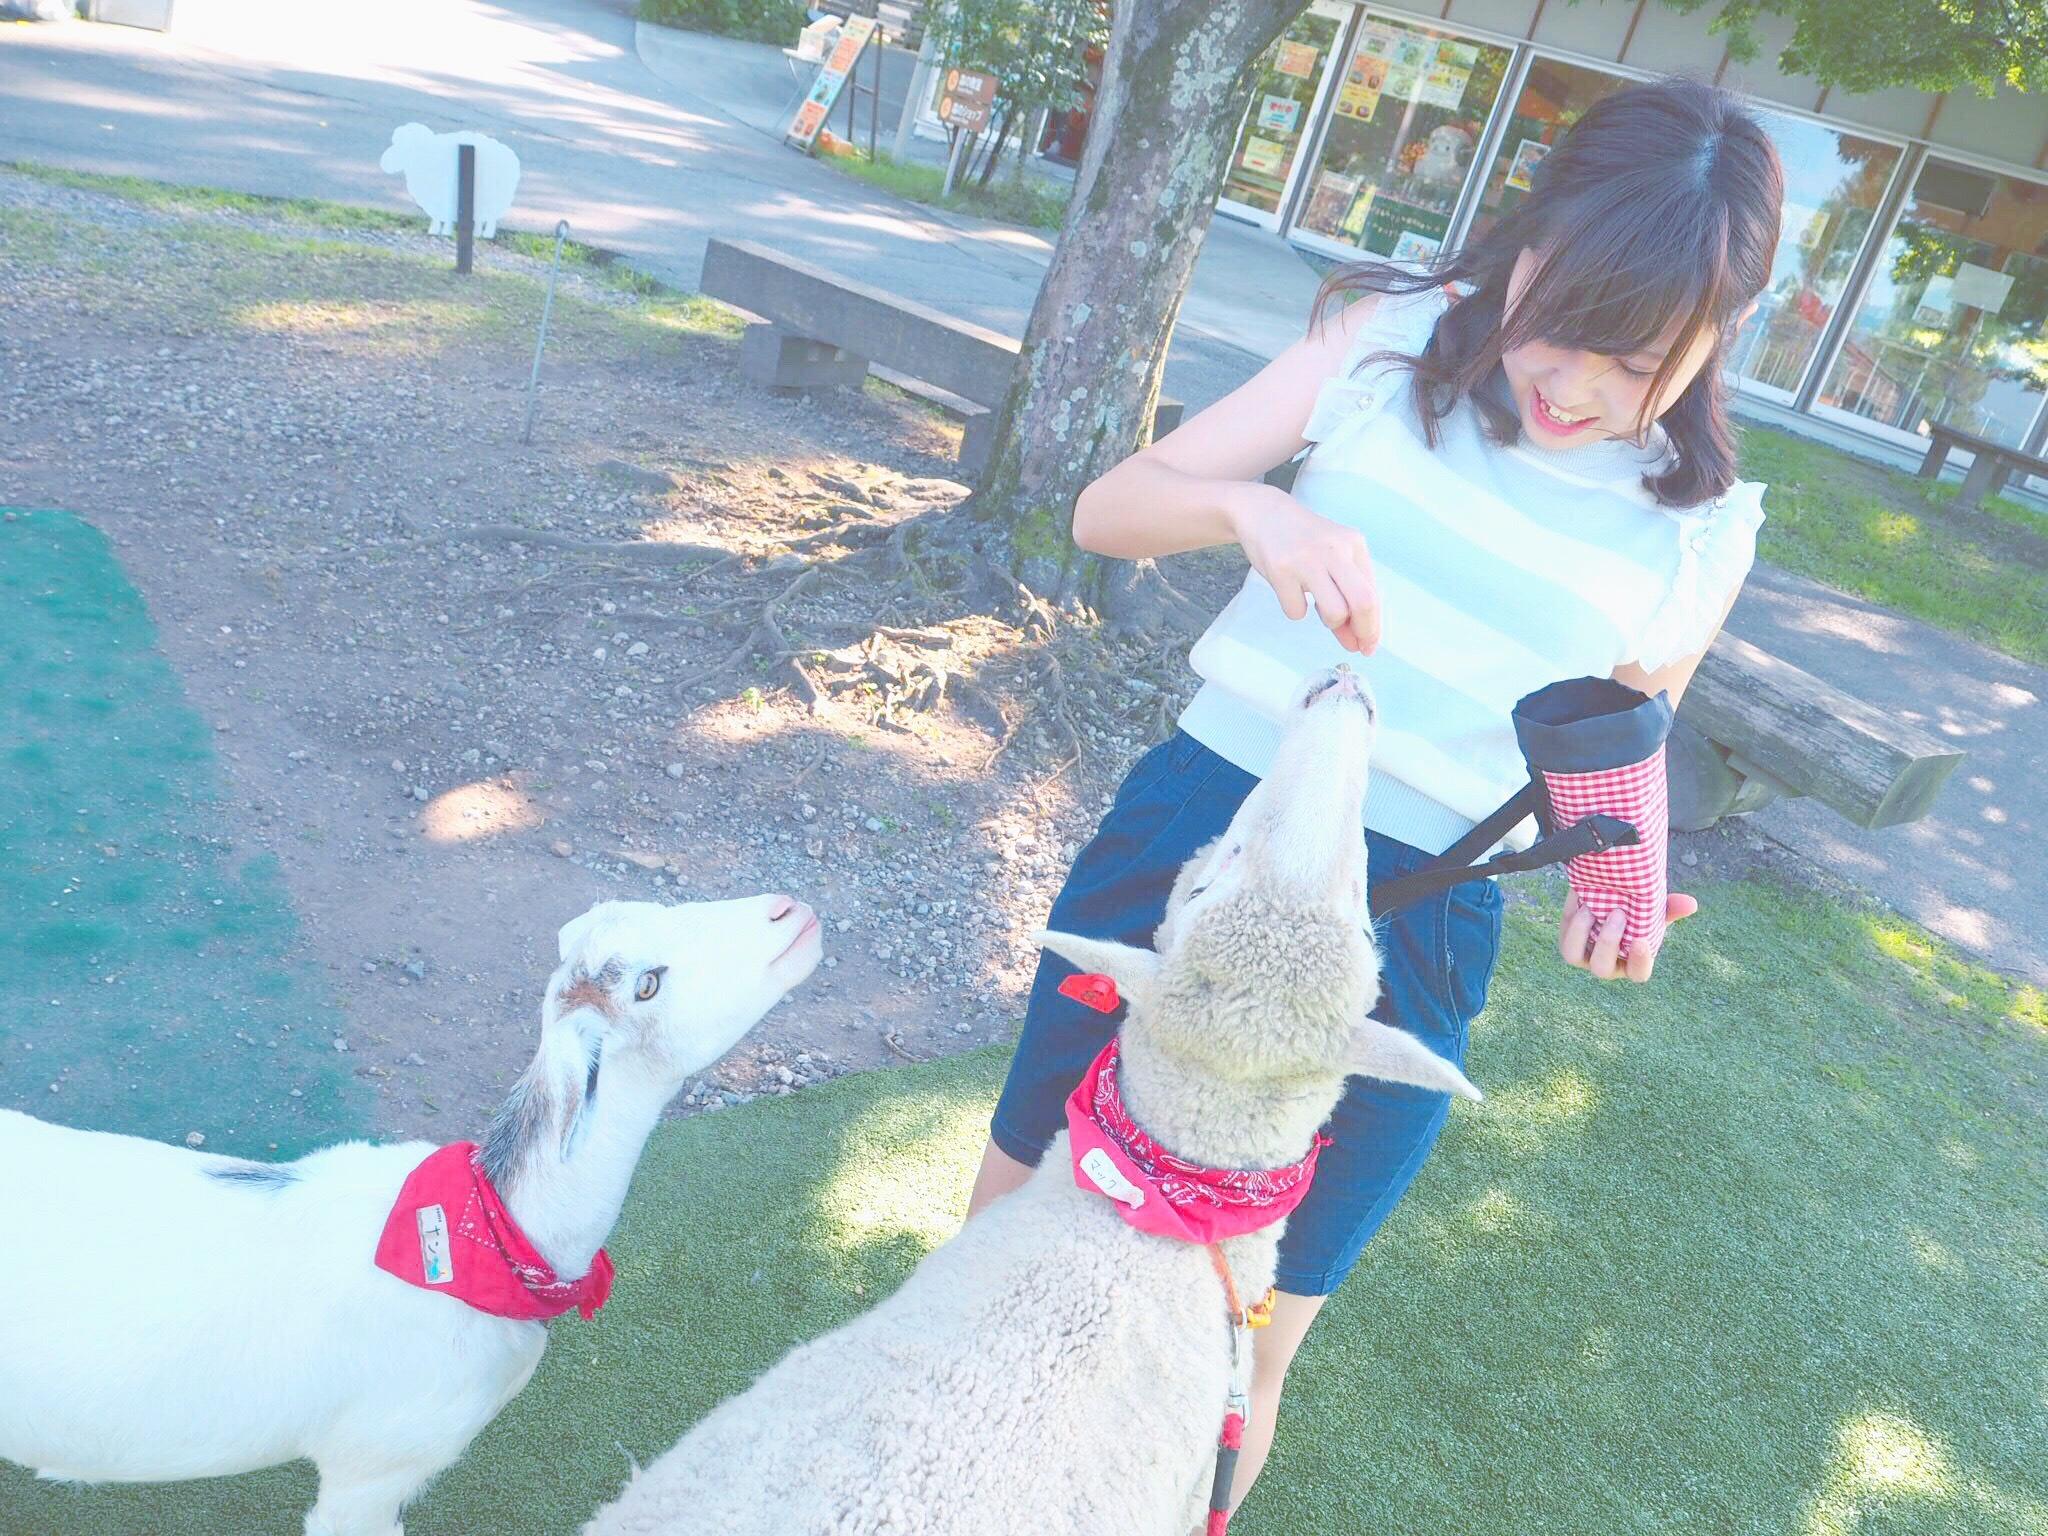 動物好きさん必見!夏は伊香保で羊とお散歩しちゃおう♩_1_3